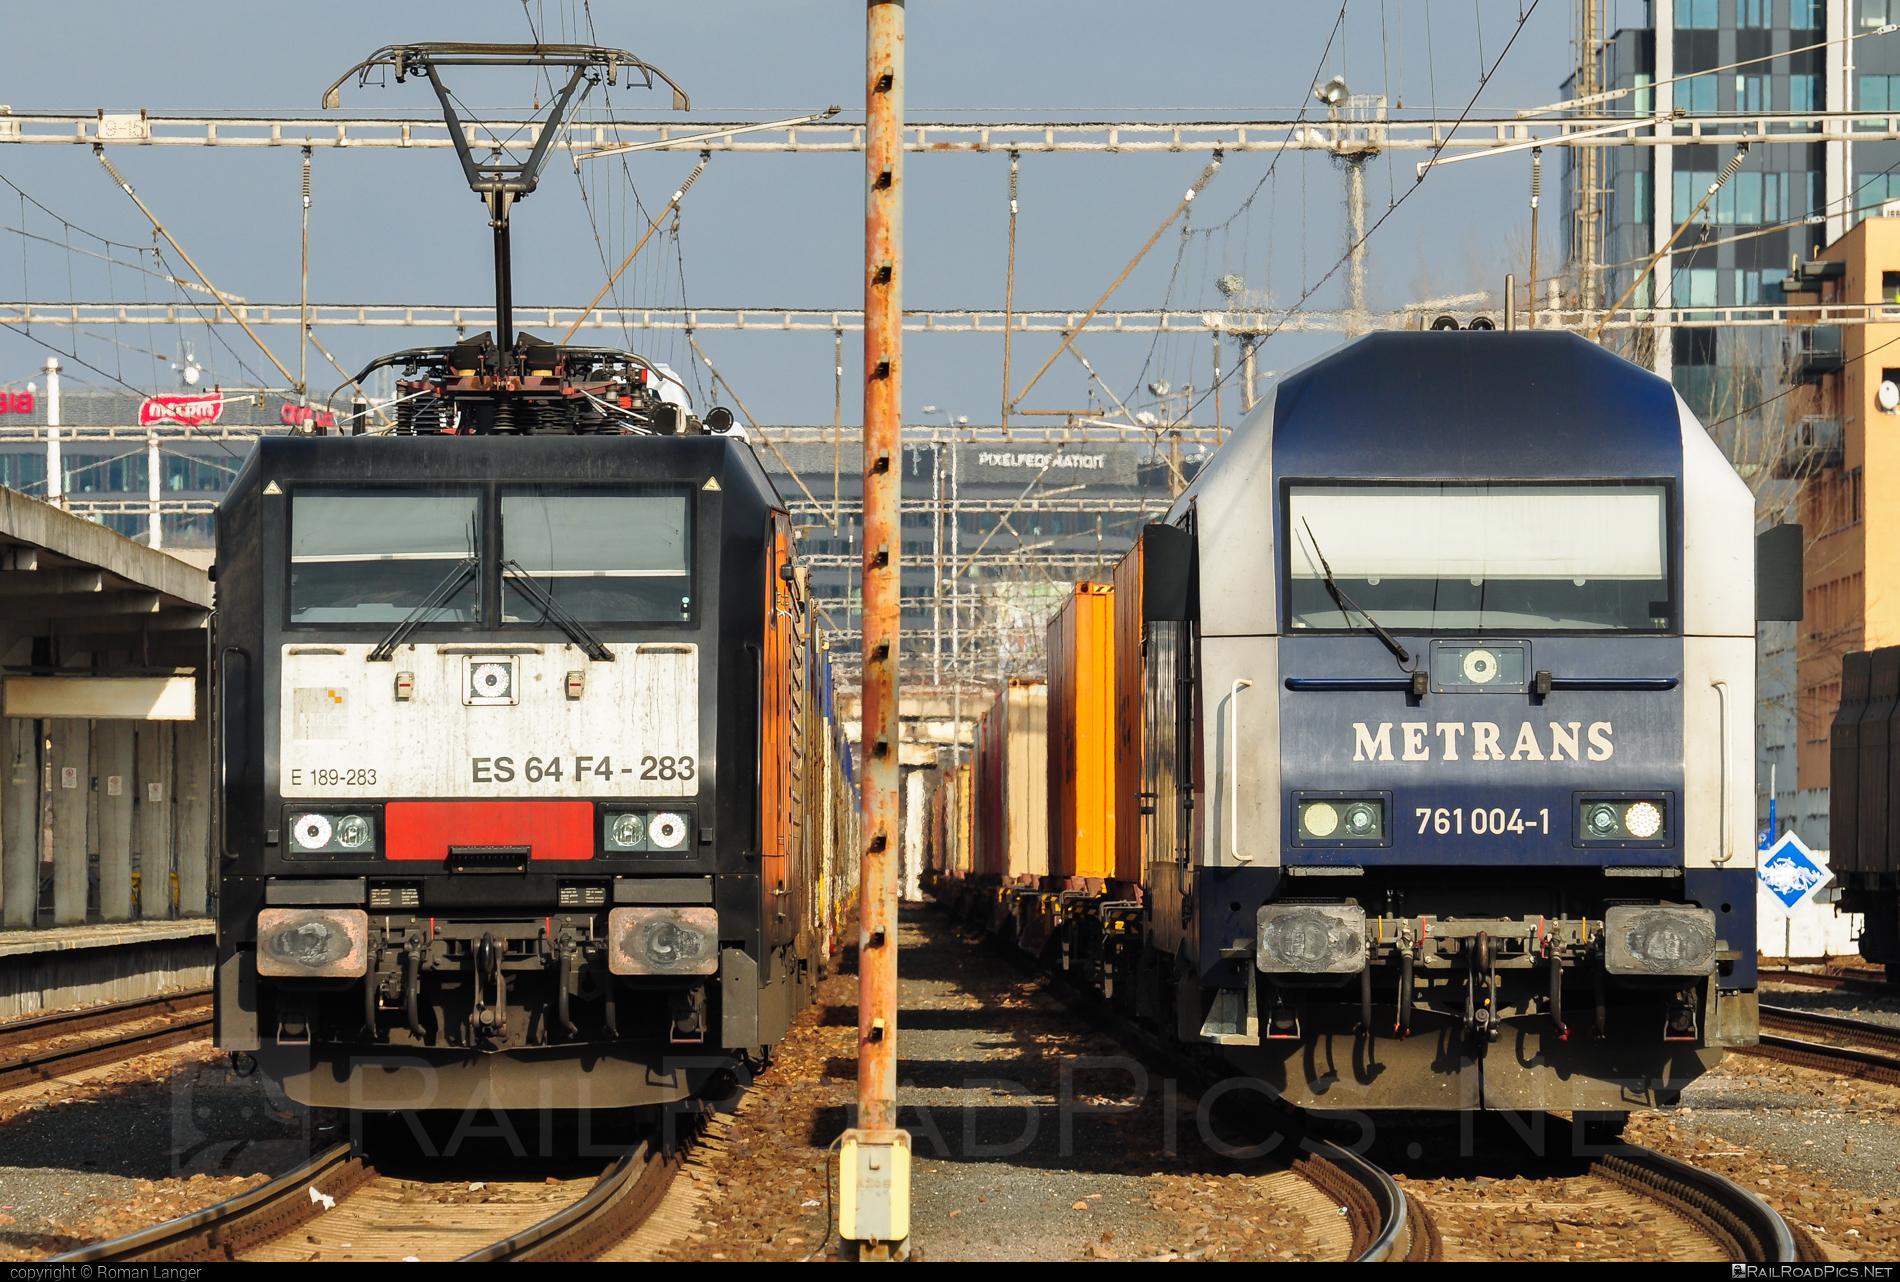 Siemens ES 64 F4 - 189 283-5 operated by ecco-rail GmbH #dispolok #eccorail #eccorailgmbh #es64 #es64f4 #eurosprinter #mitsuirailcapitaleurope #mitsuirailcapitaleuropegmbh #mrce #siemens #siemenses64 #siemenses64f4